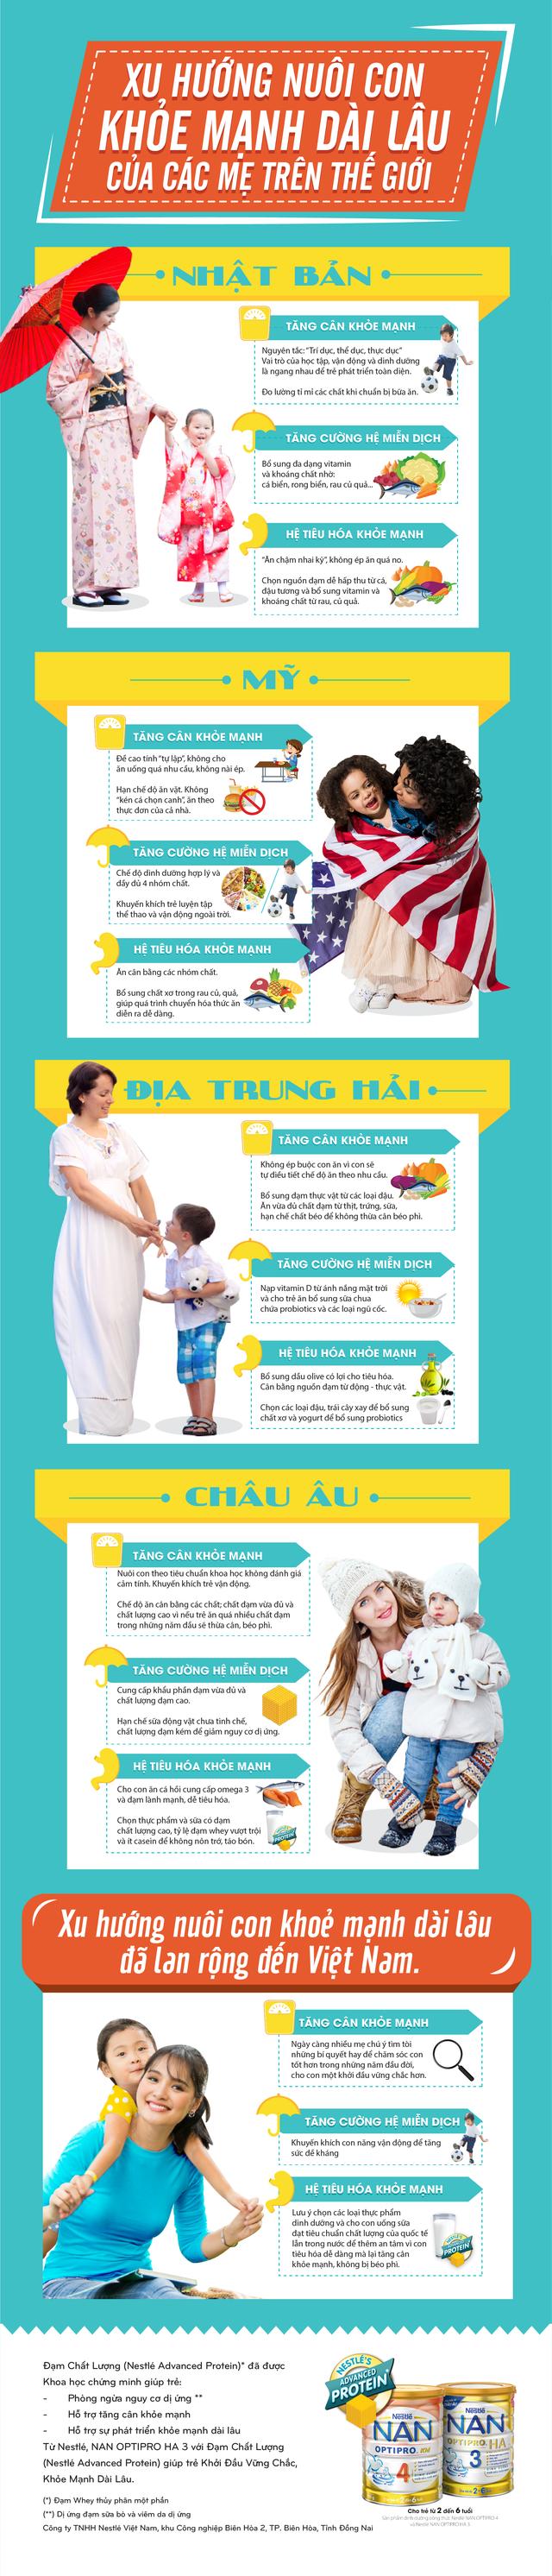 Xu hướng nuôi con khỏe mạnh dài lâu của các mẹ trên thế giới - 1